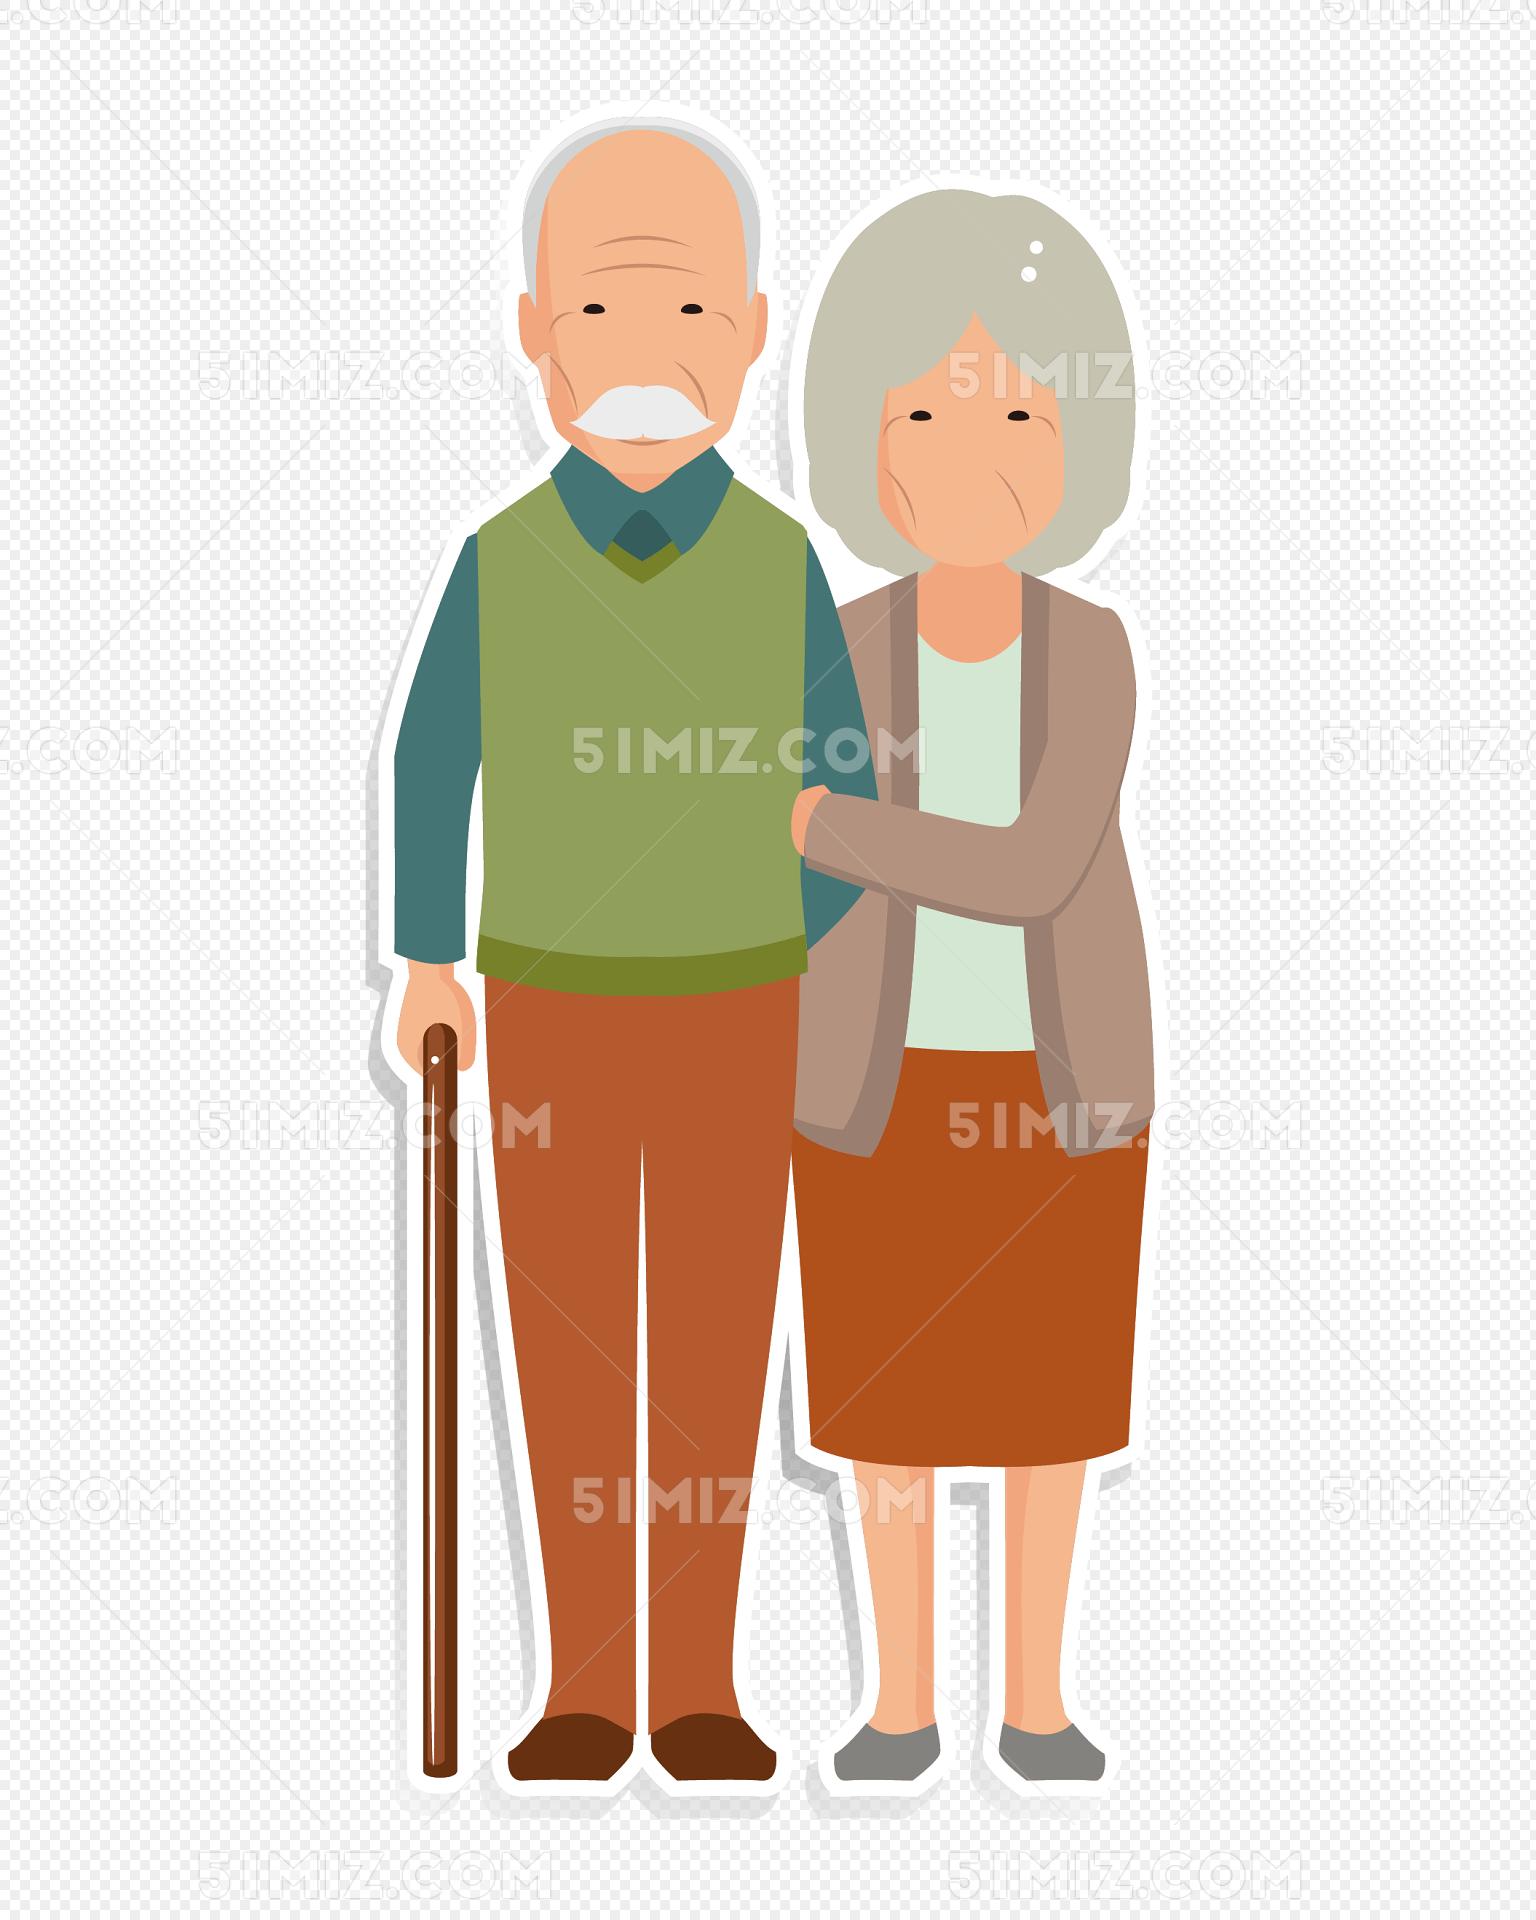 熟肥老夫妻_矢量老夫妻爷爷奶奶矢量老夫妻爷爷奶奶